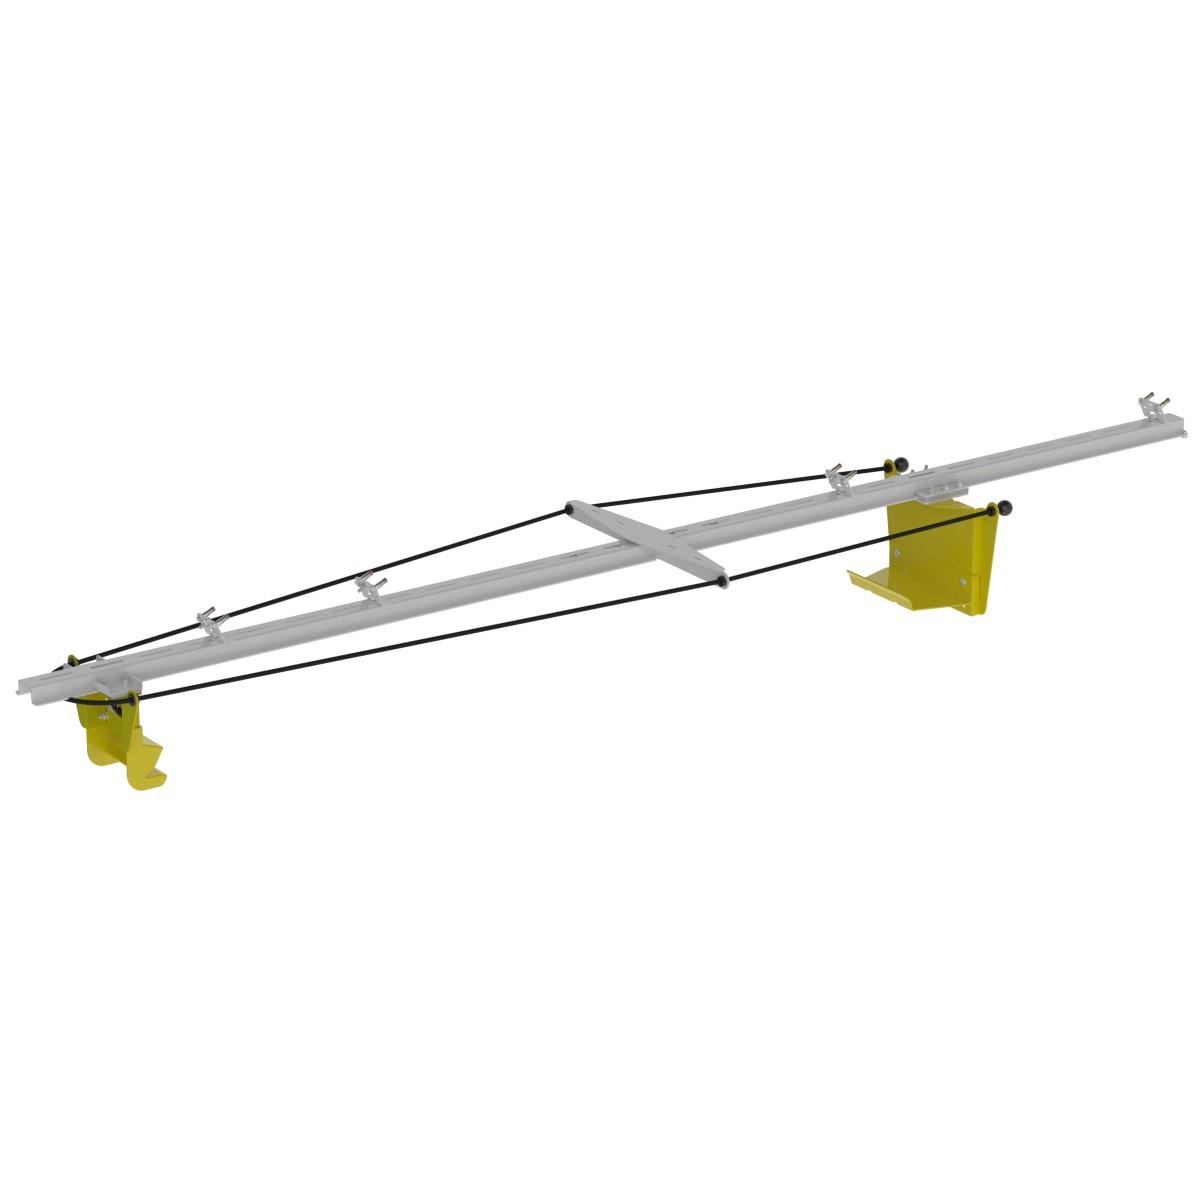 kargo master interior ladder rack km 40480